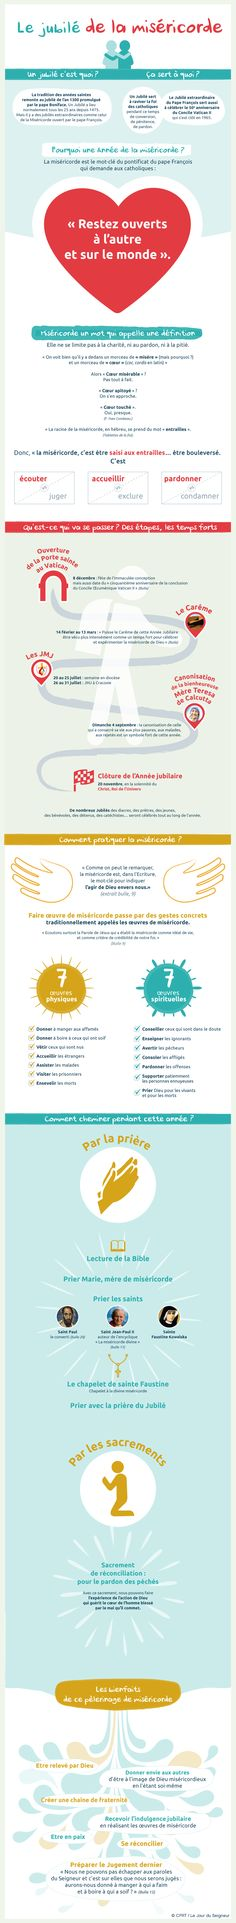 Le Jubilé de la Miséricorde en une infographie par le Jour du Seigneur